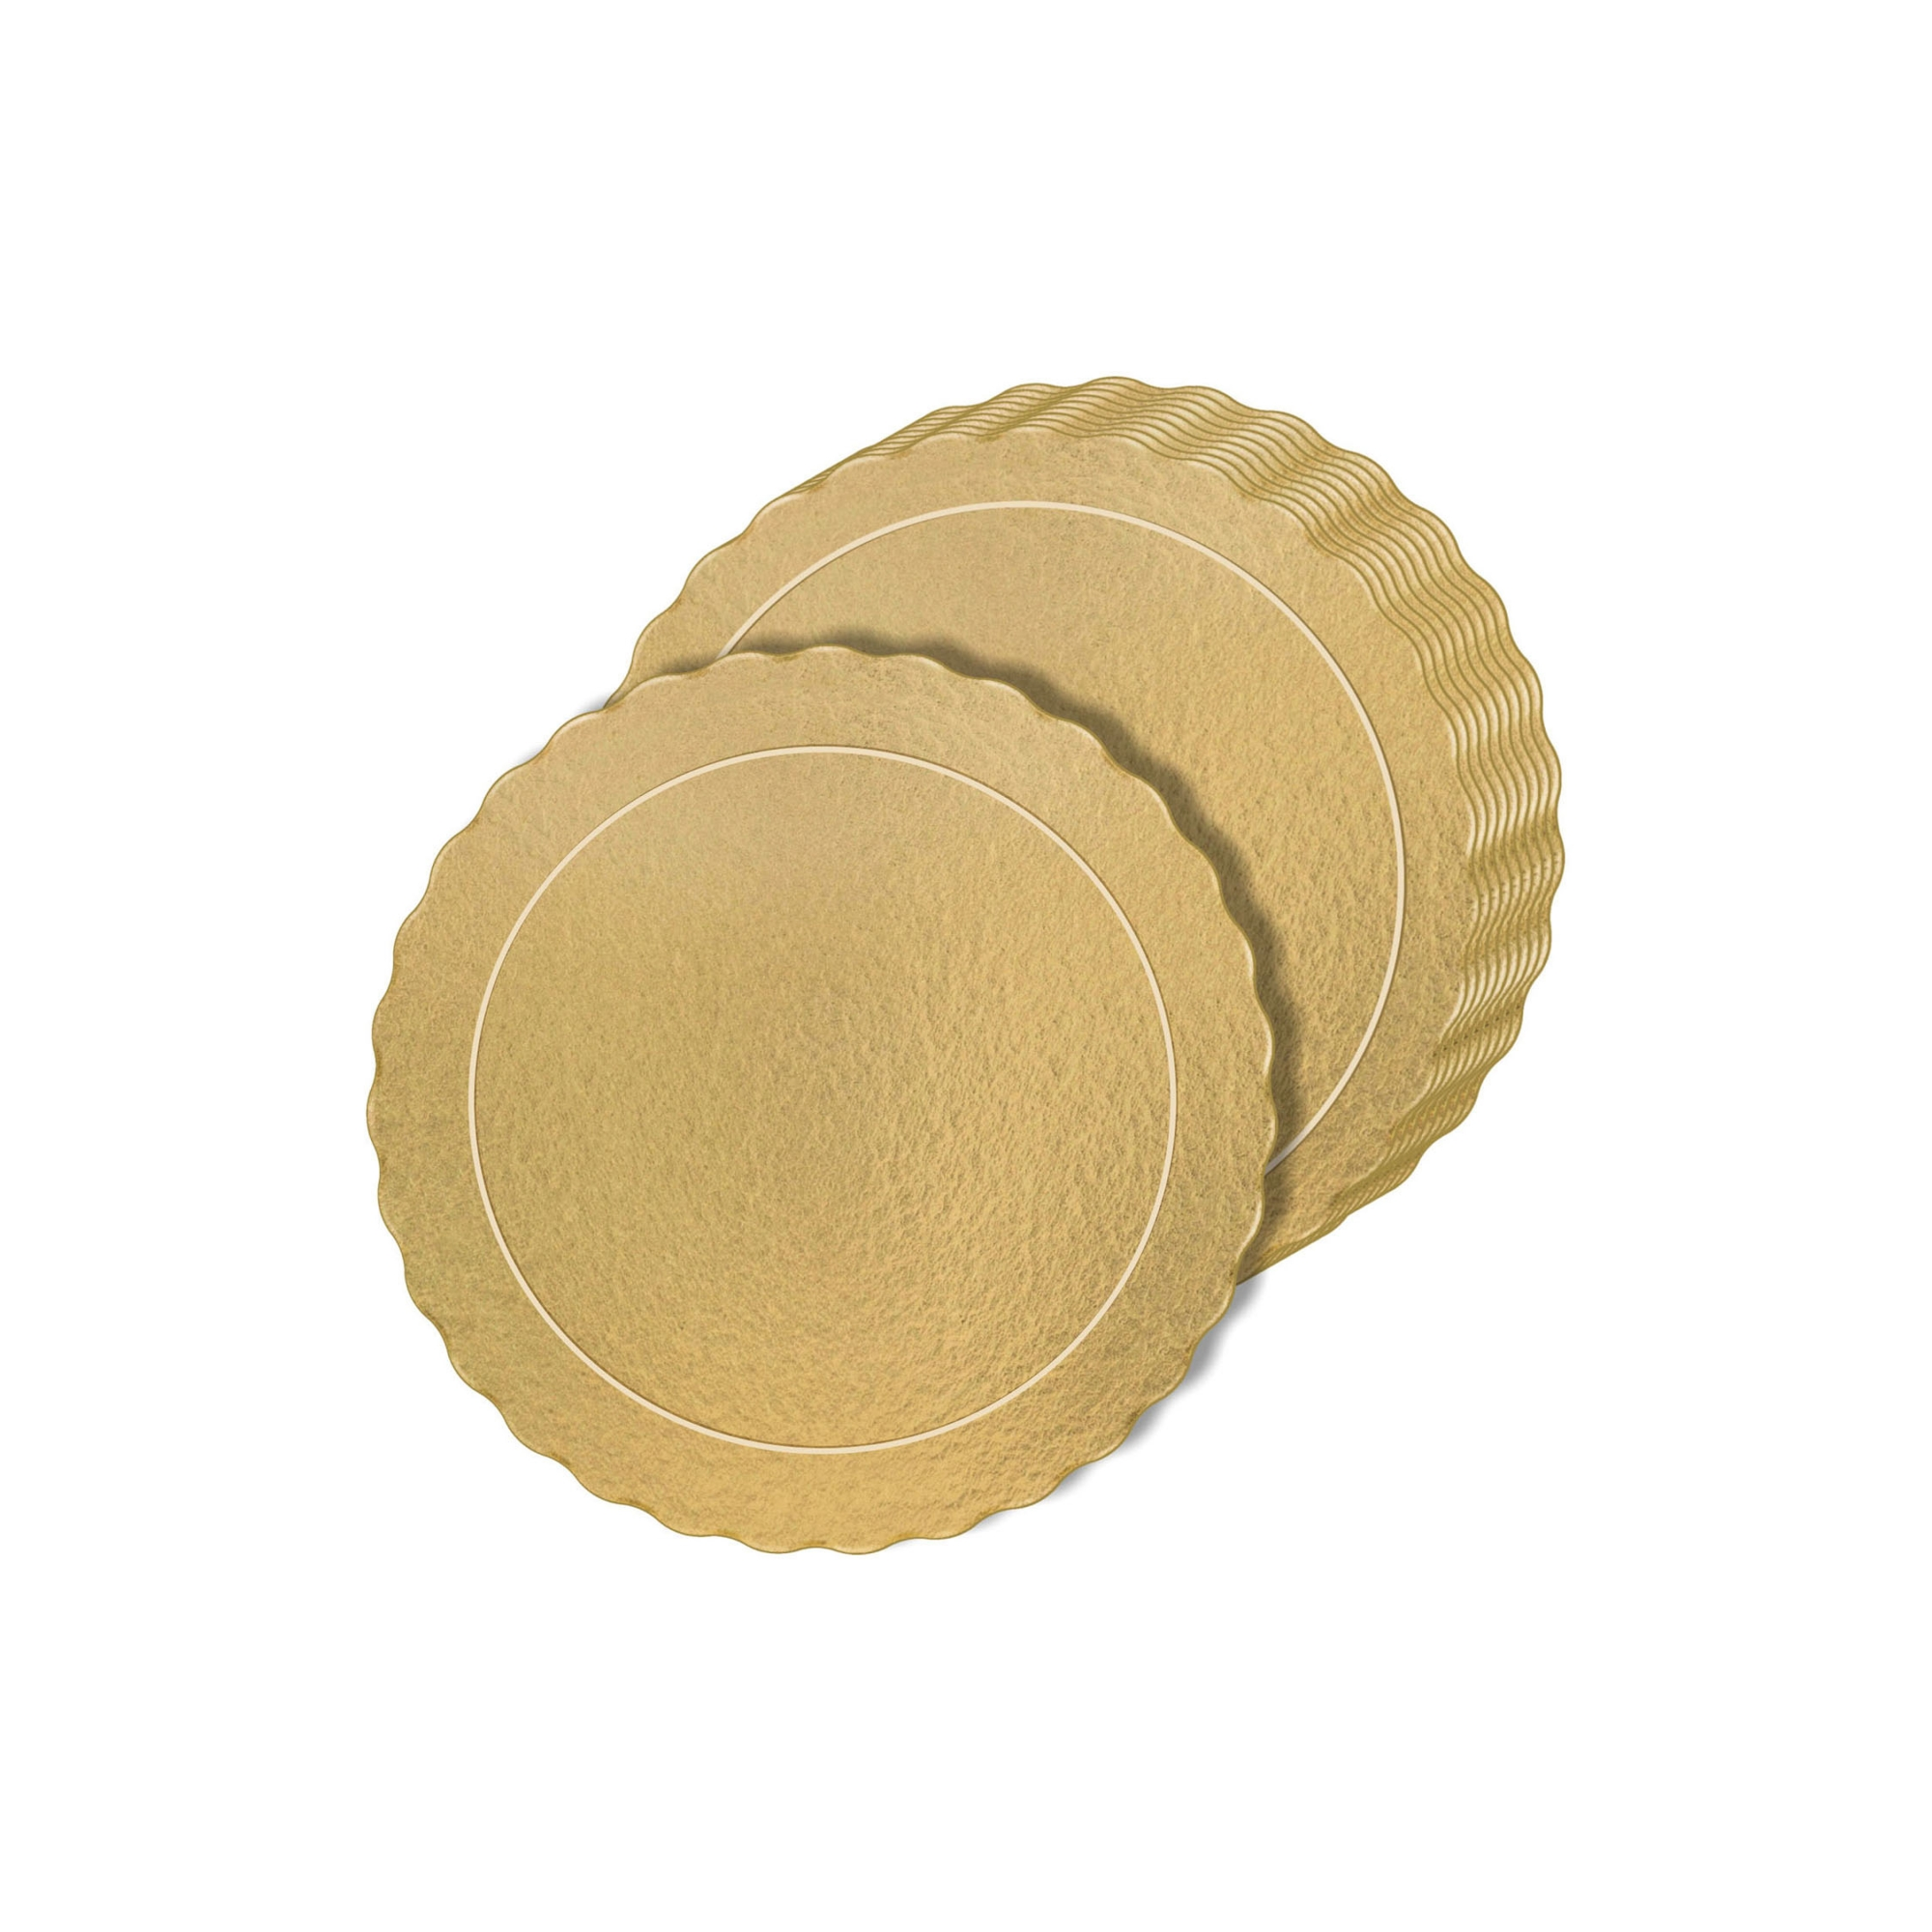 200 Bases Laminadas Para Bolo Redondo, Cake Board 26cm - Ouro